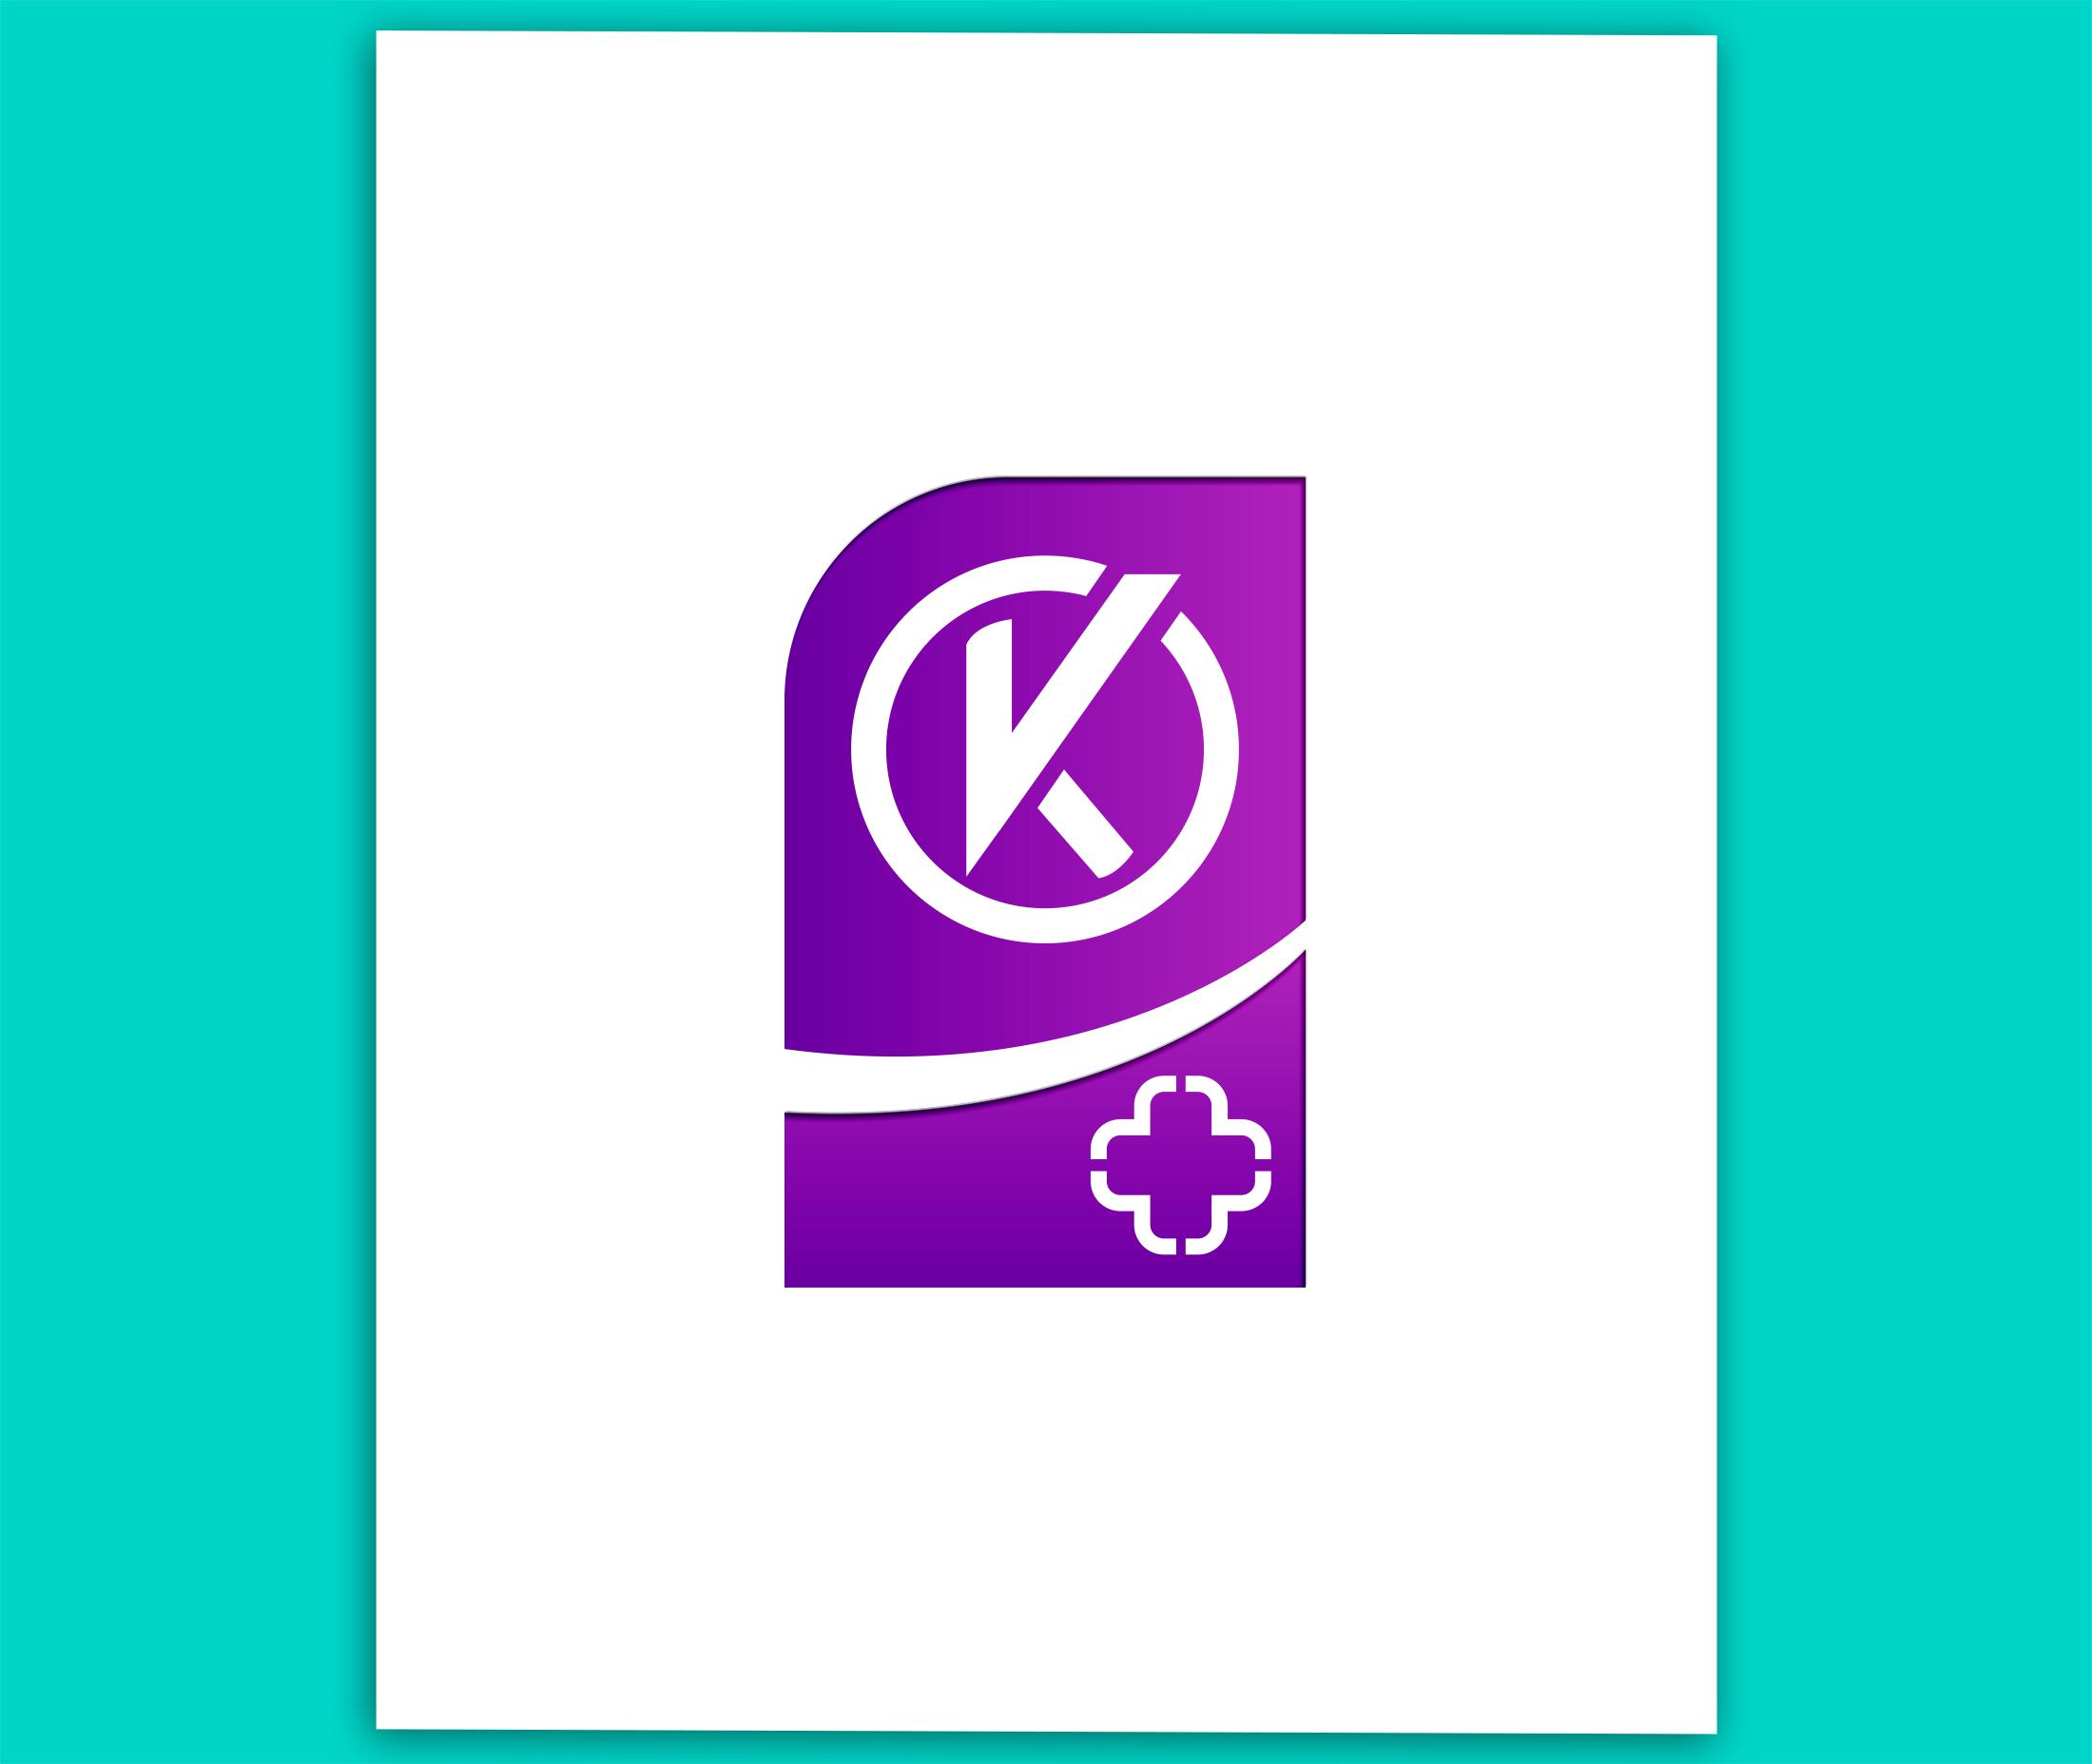 Логотип и фирменный стиль частной клиники фото f_4075c93fabf0fae3.jpg